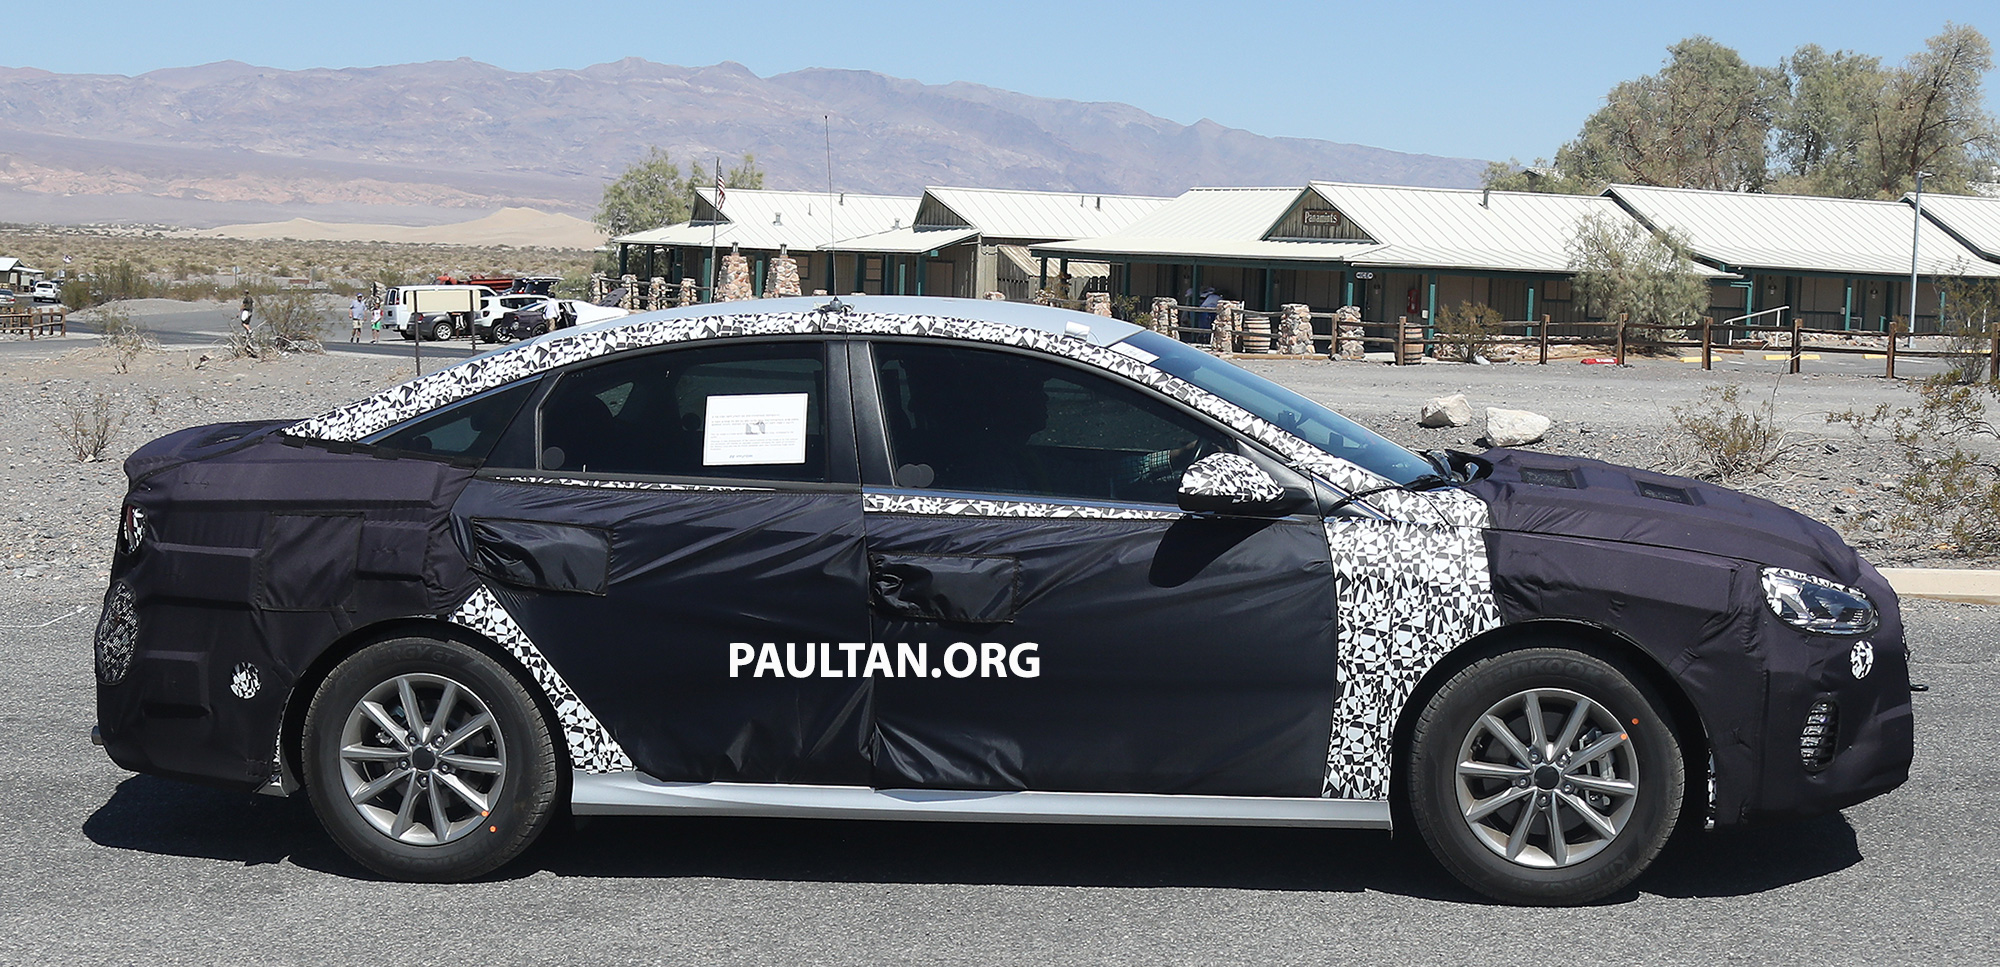 Hyundai Spy Shots >> SPYSHOTS: 2018 Hyundai Sonata facelift – N version? Paul Tan - Image 538359